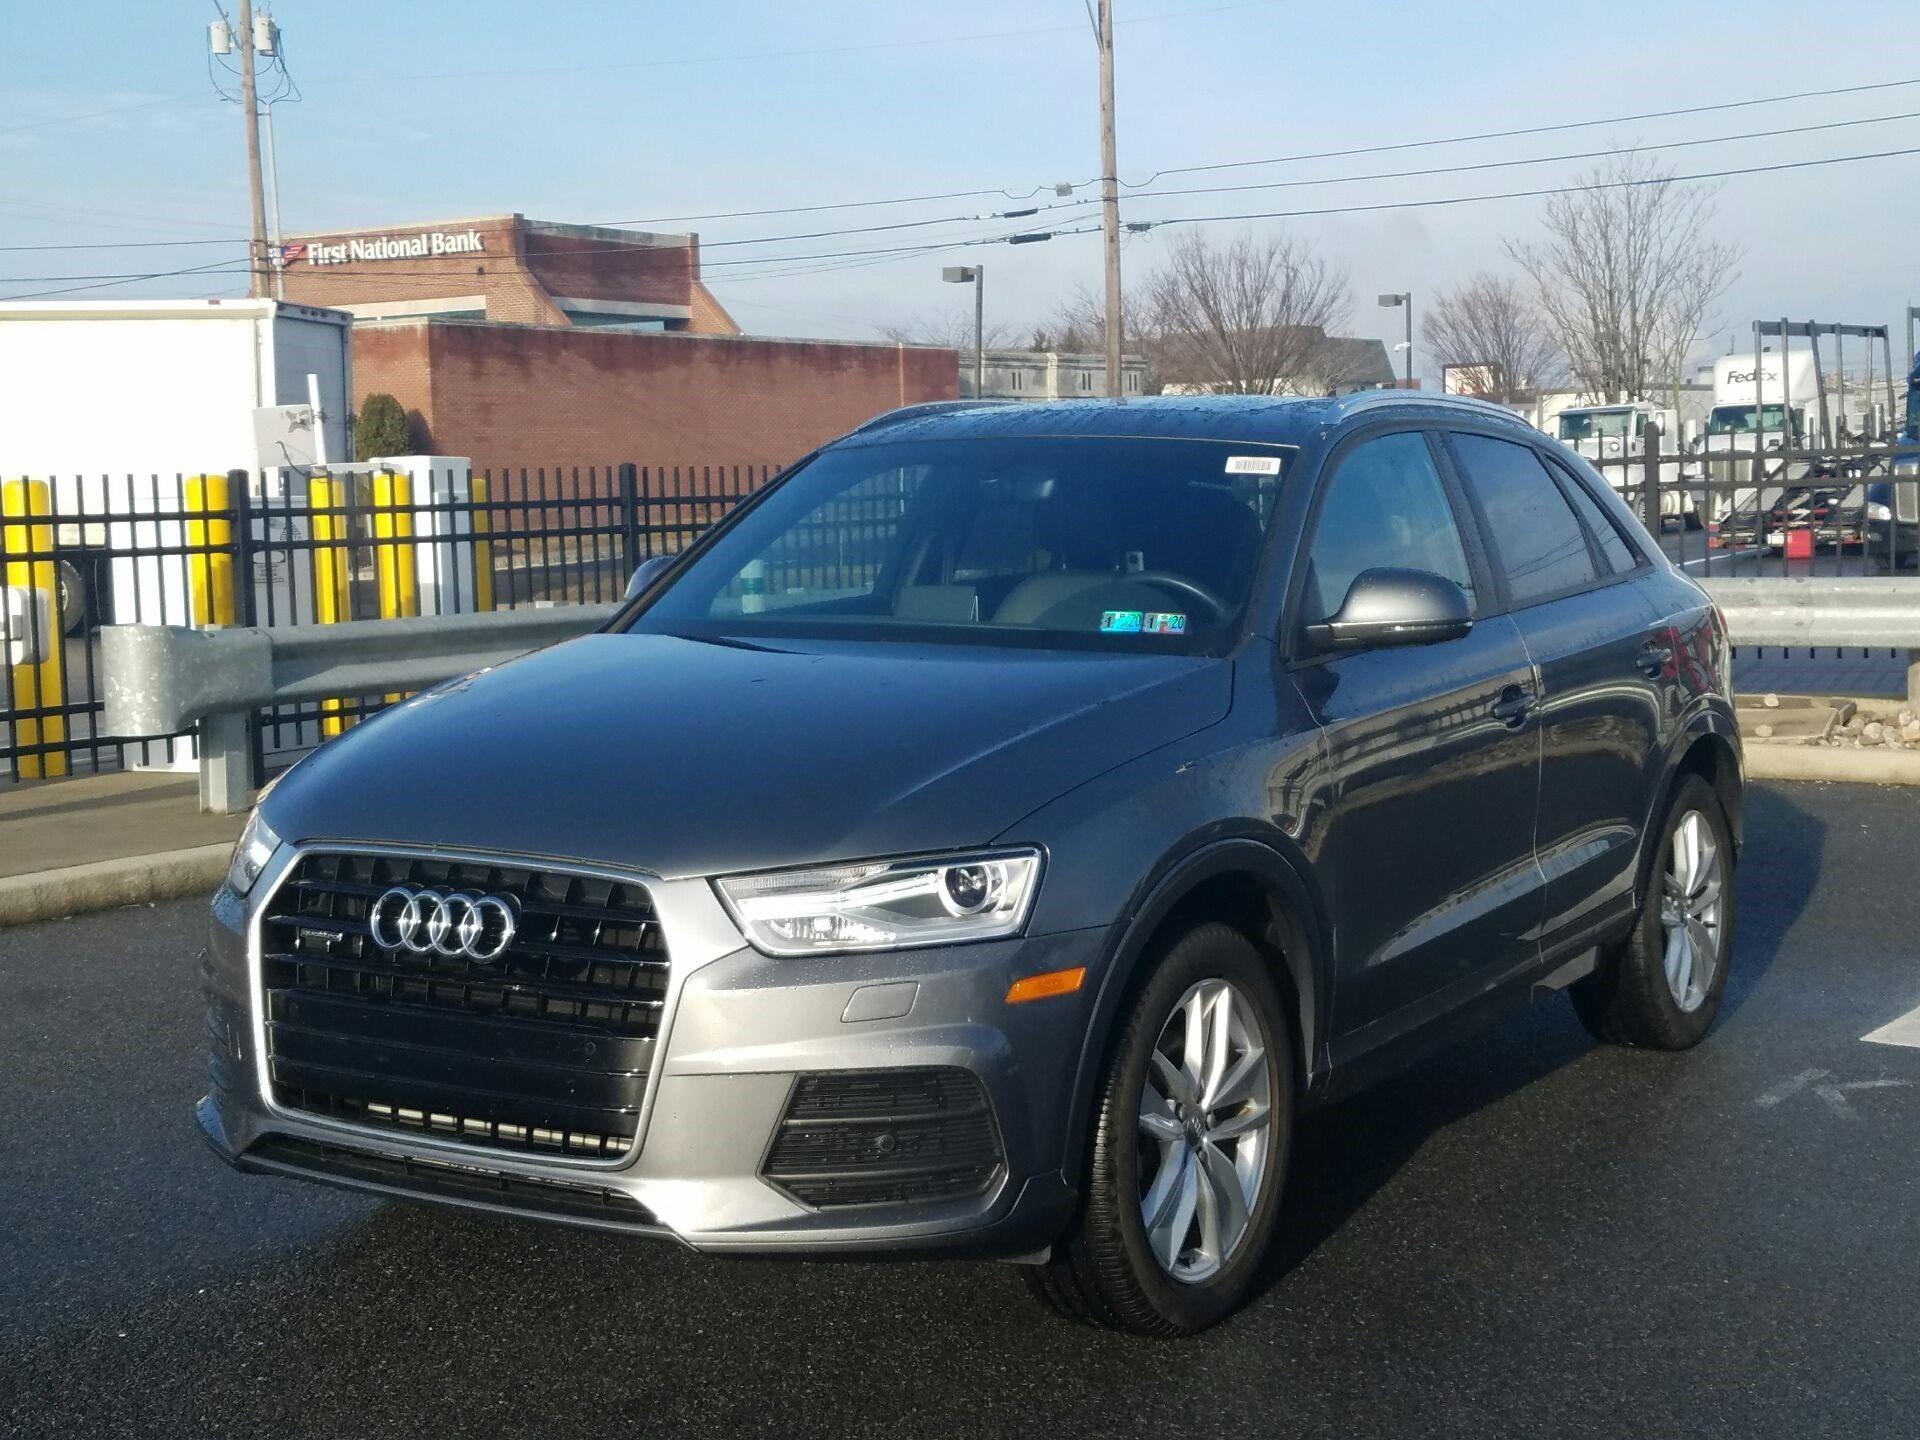 Used 2017 Audi Q3 In Newark Delaware Carmax Car Audi Q3 Audi